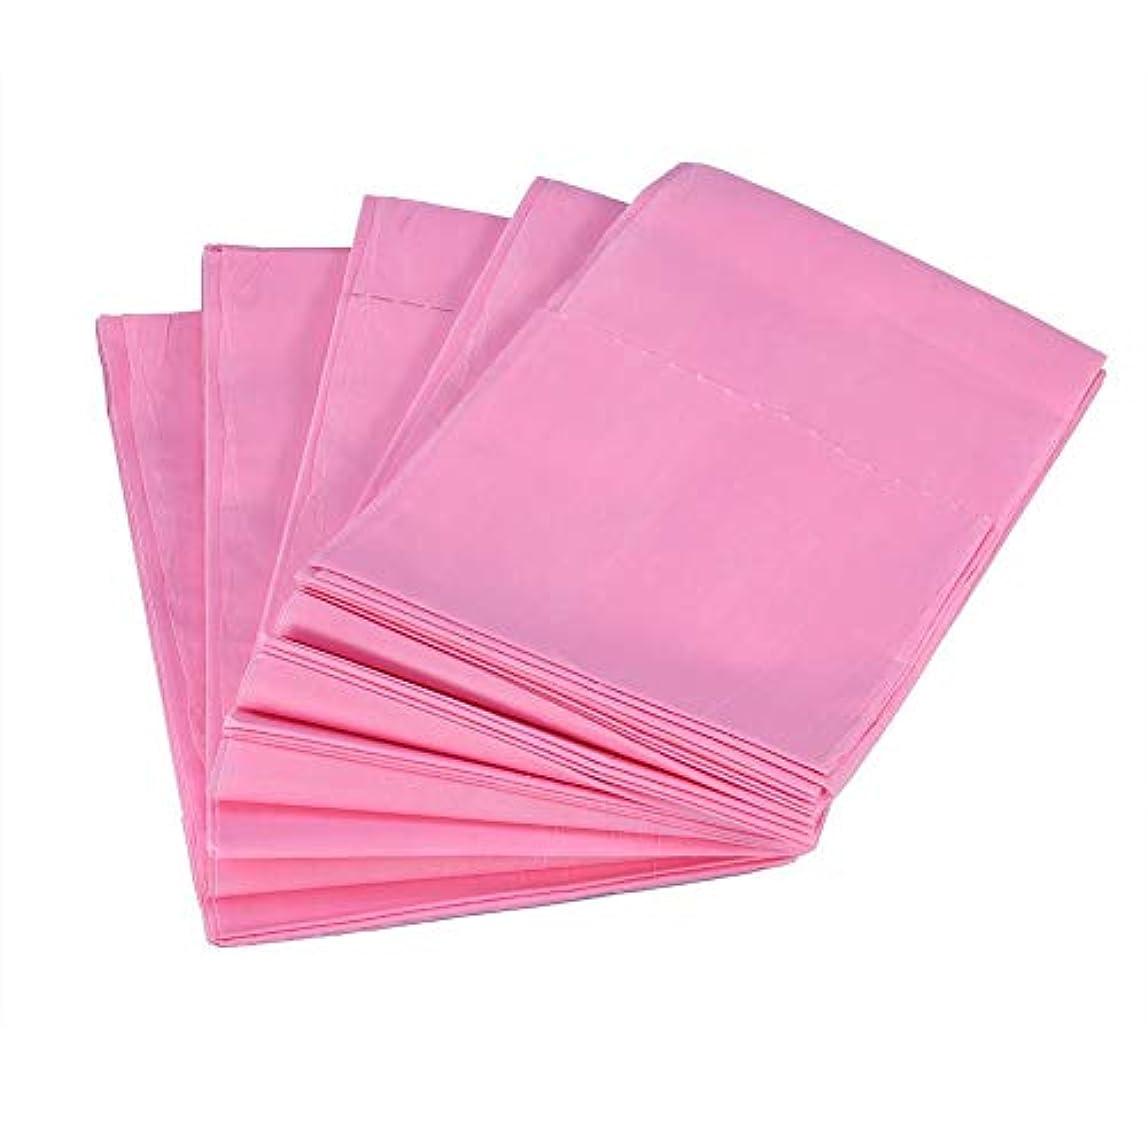 剣干渉債務使い捨てベッドシーツ、10個175 x 75cm不織布使い捨て防水シーツマッサージビューティーカバー(ピンク)